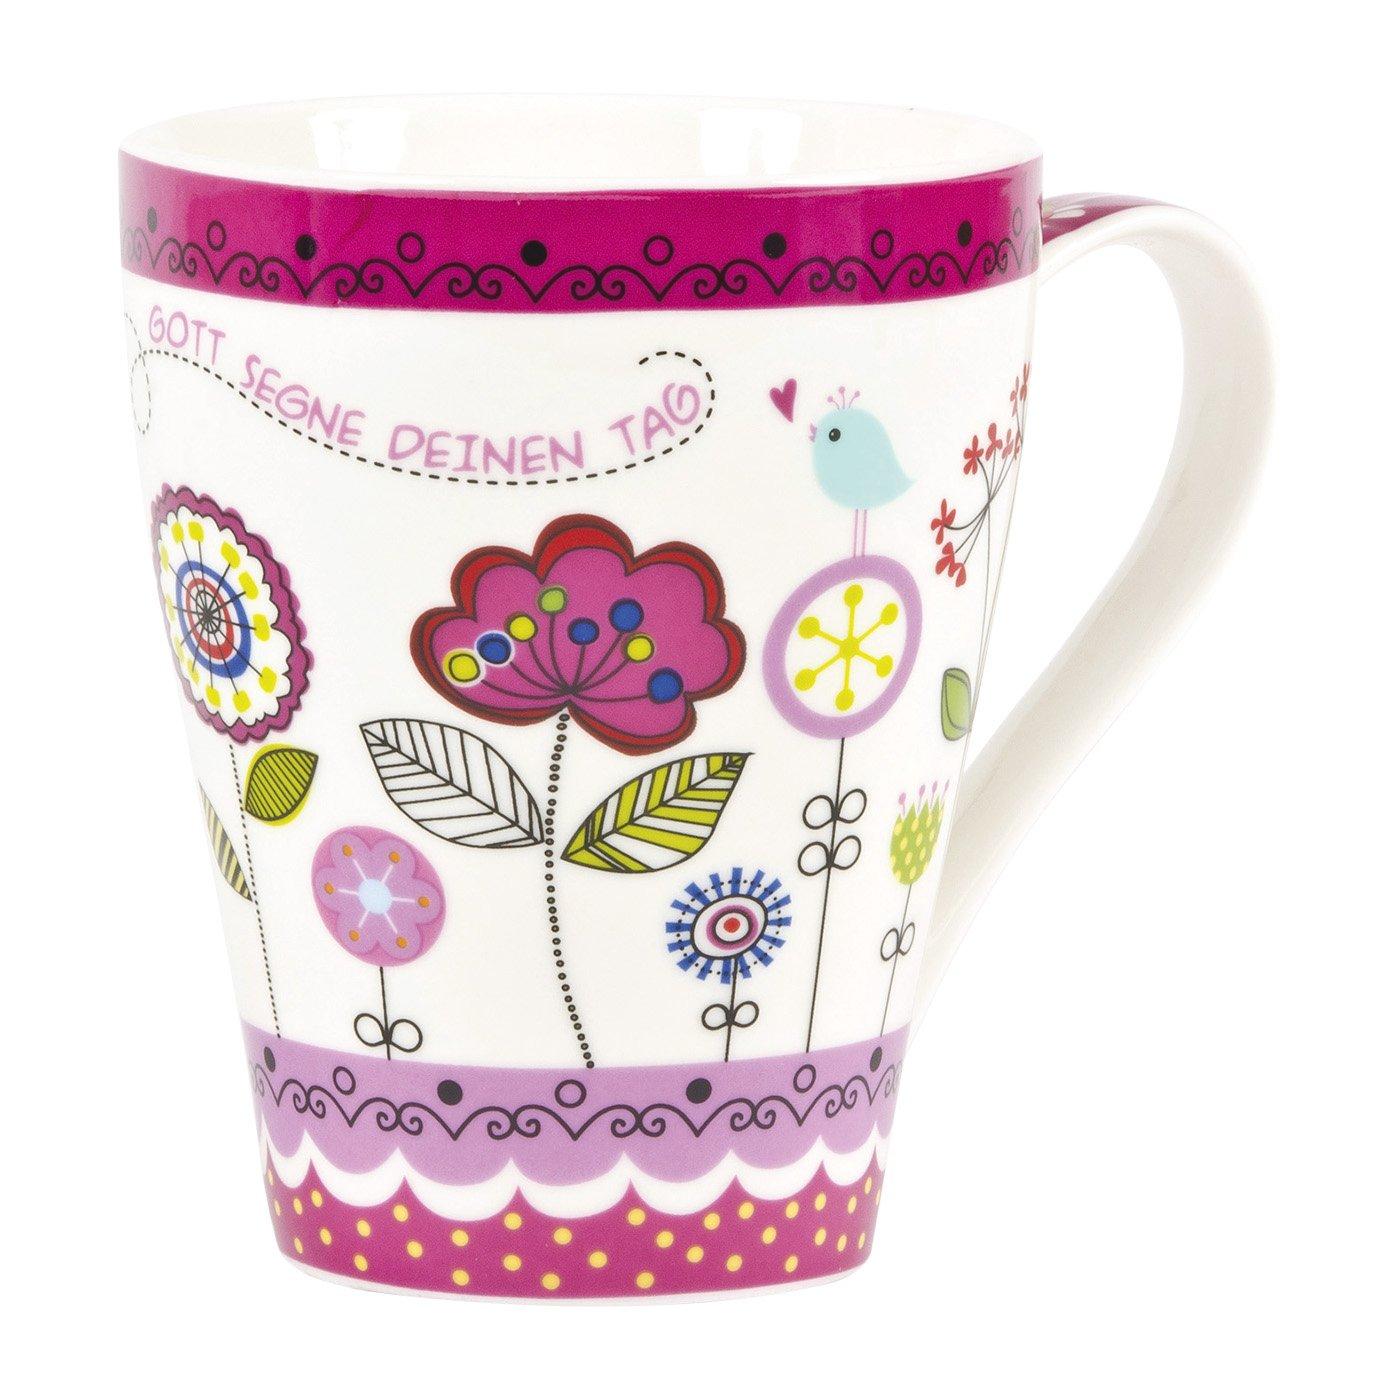 /°* Tasse Gottes Liebe ist so wunderbar Joh 3,16